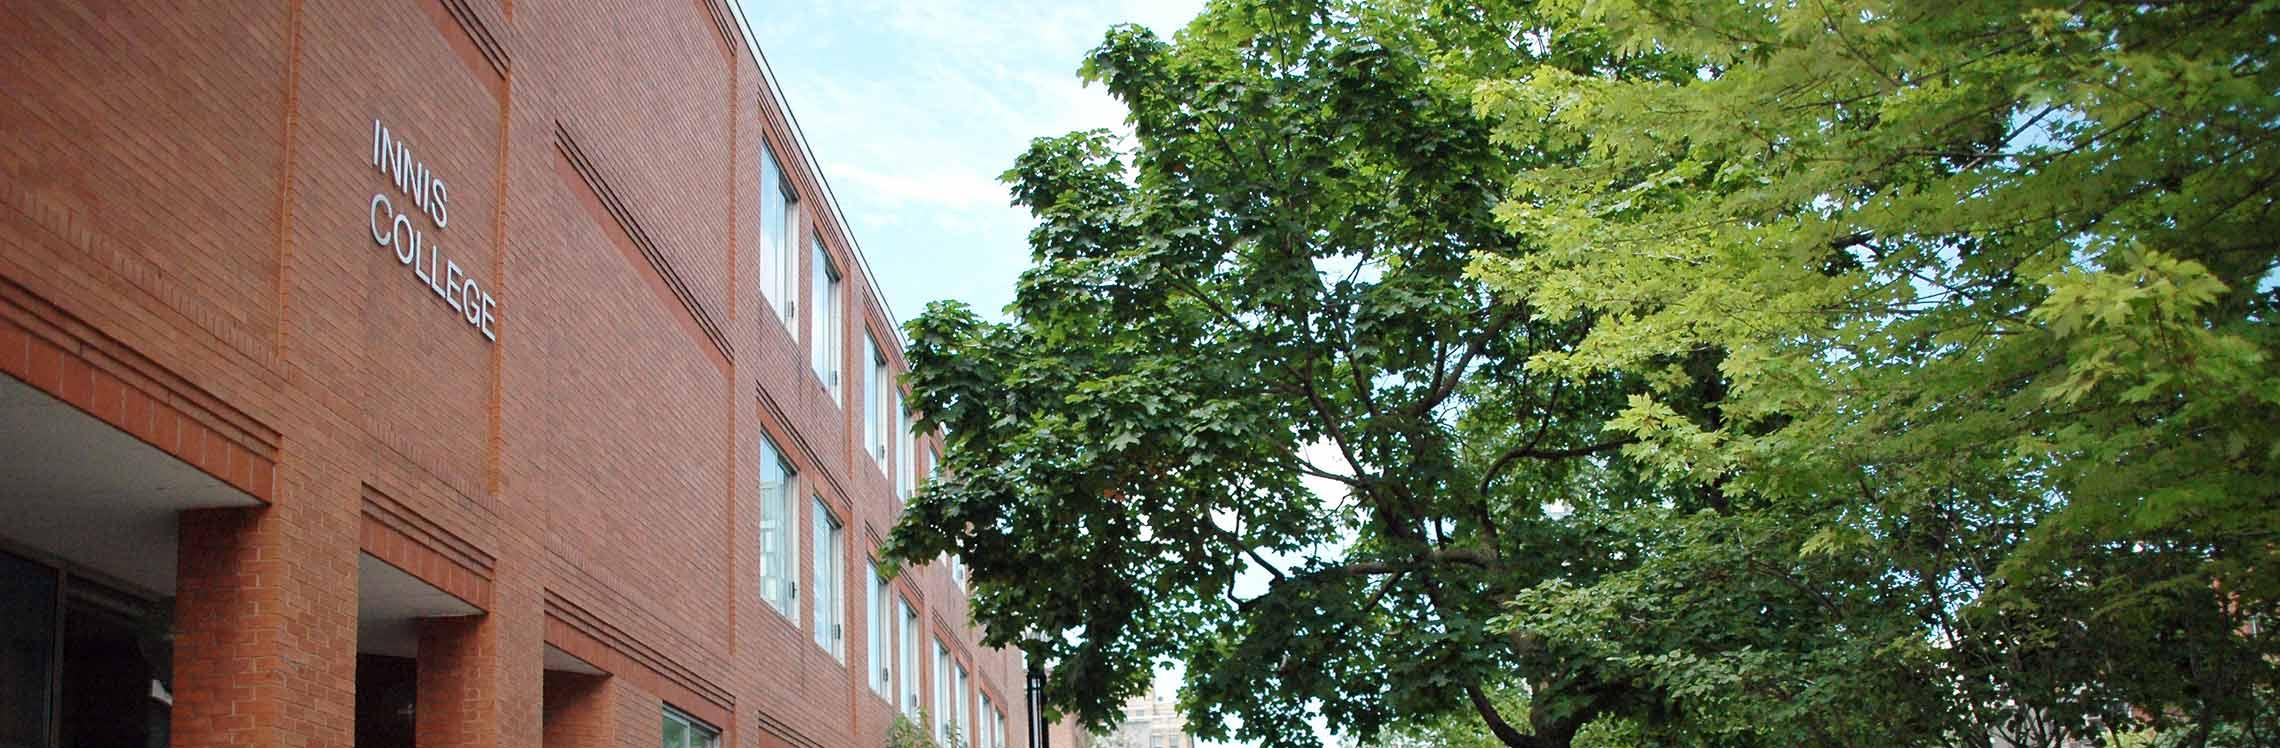 Innis College